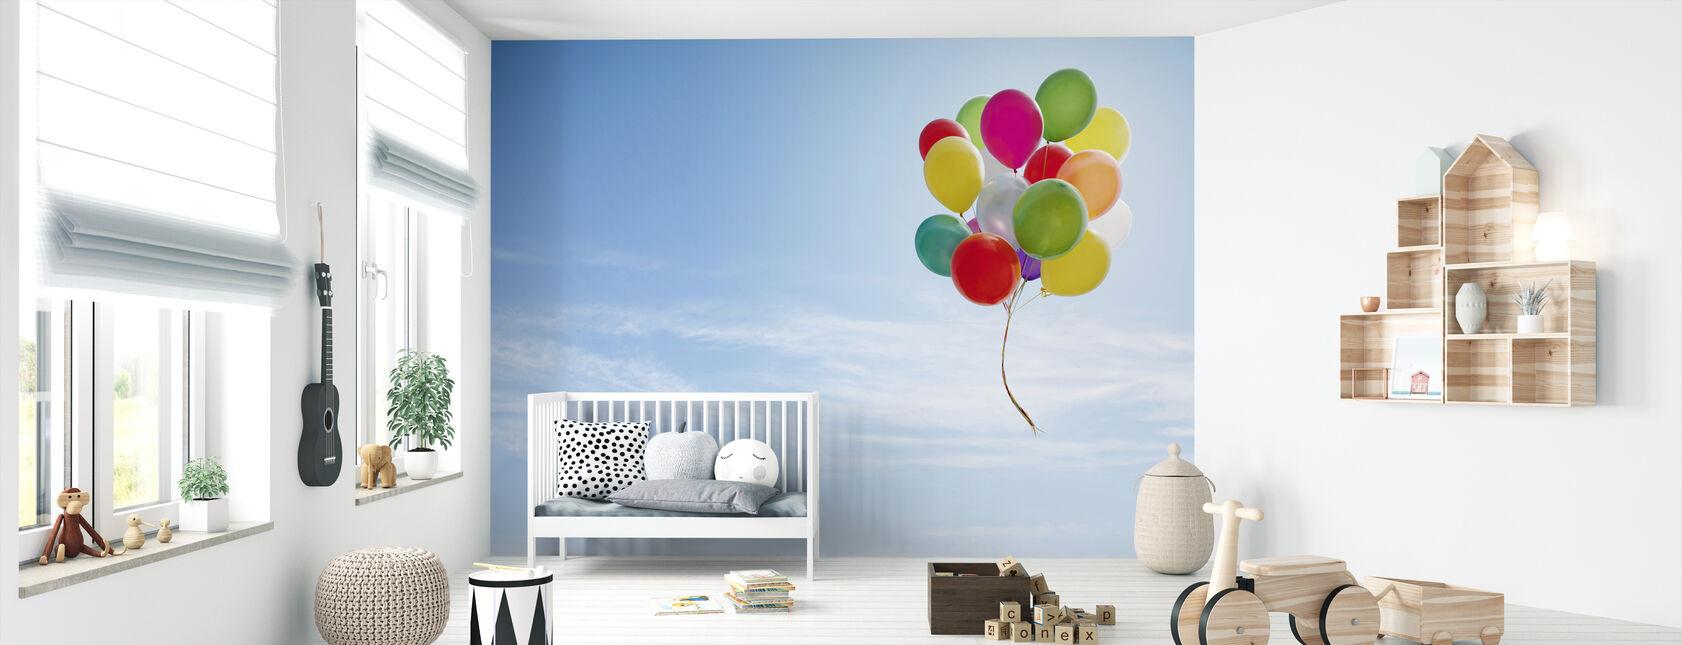 Ilmapallojen nippu - Tapetti - Vauvan huone